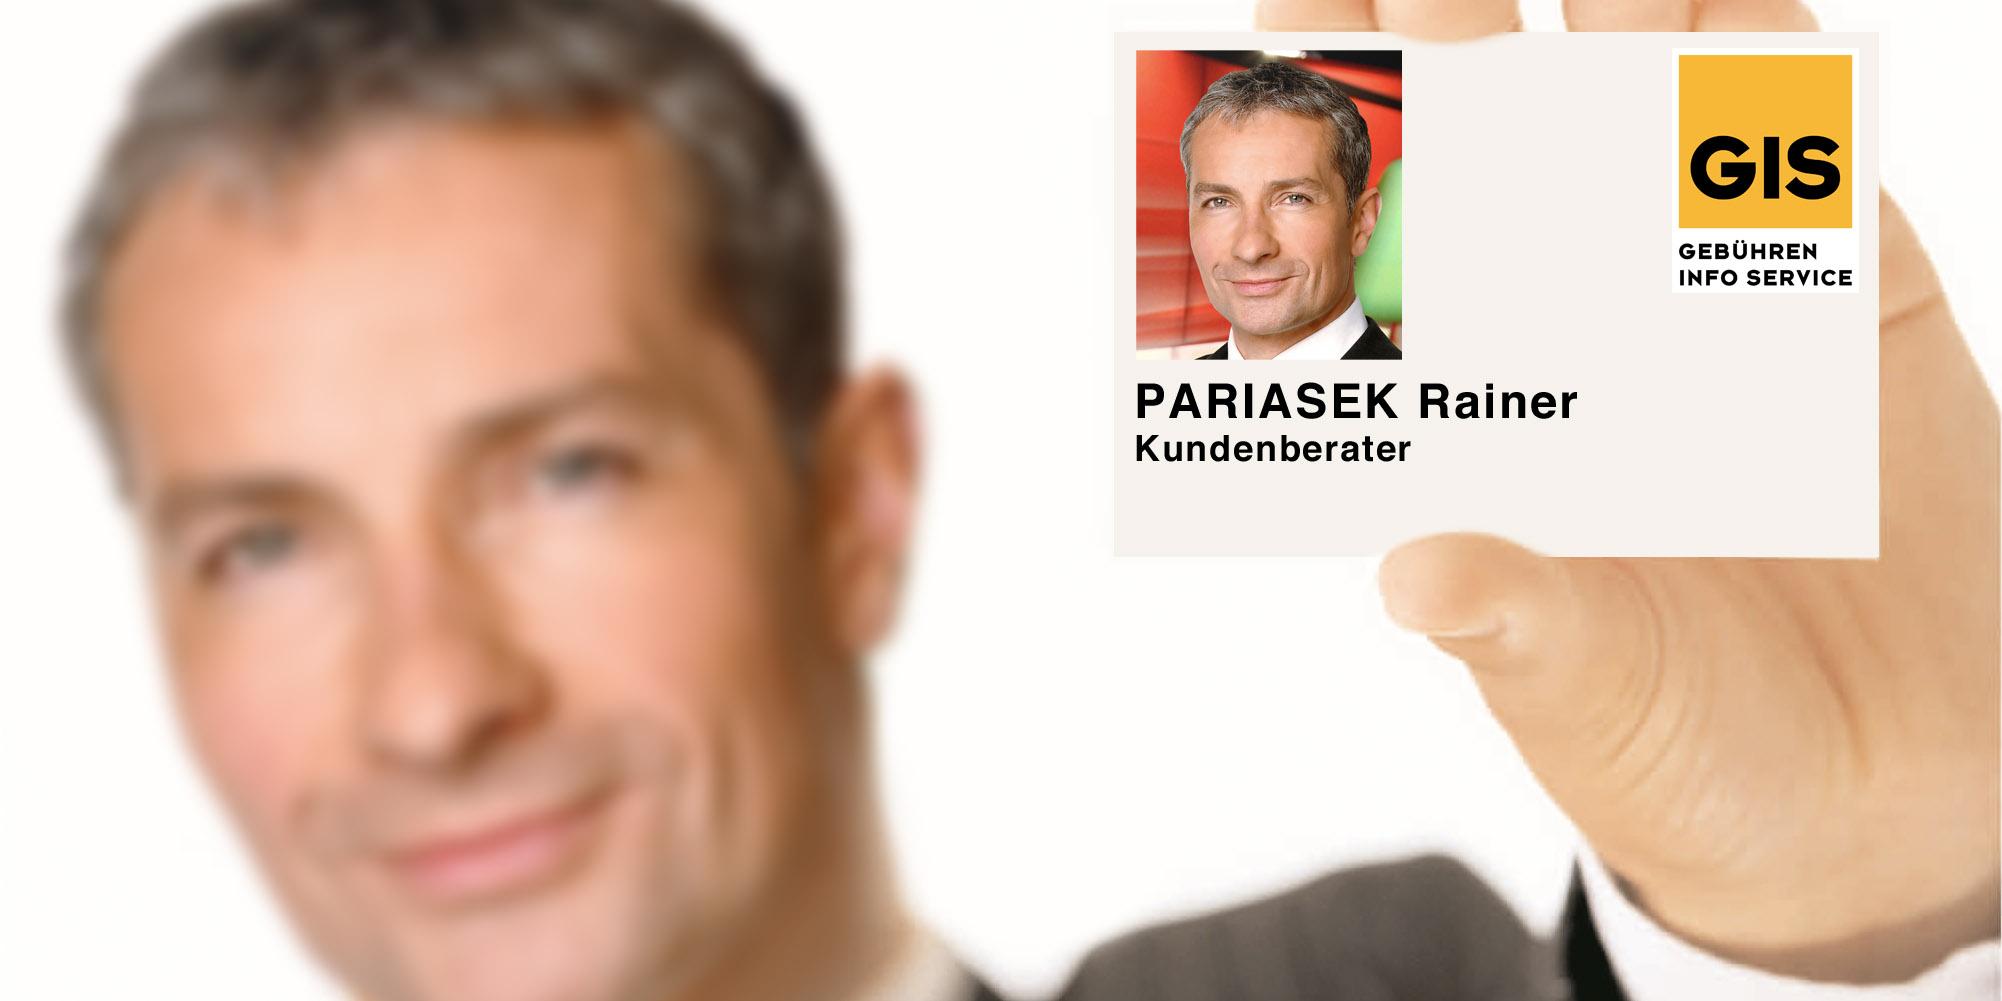 Pariasek